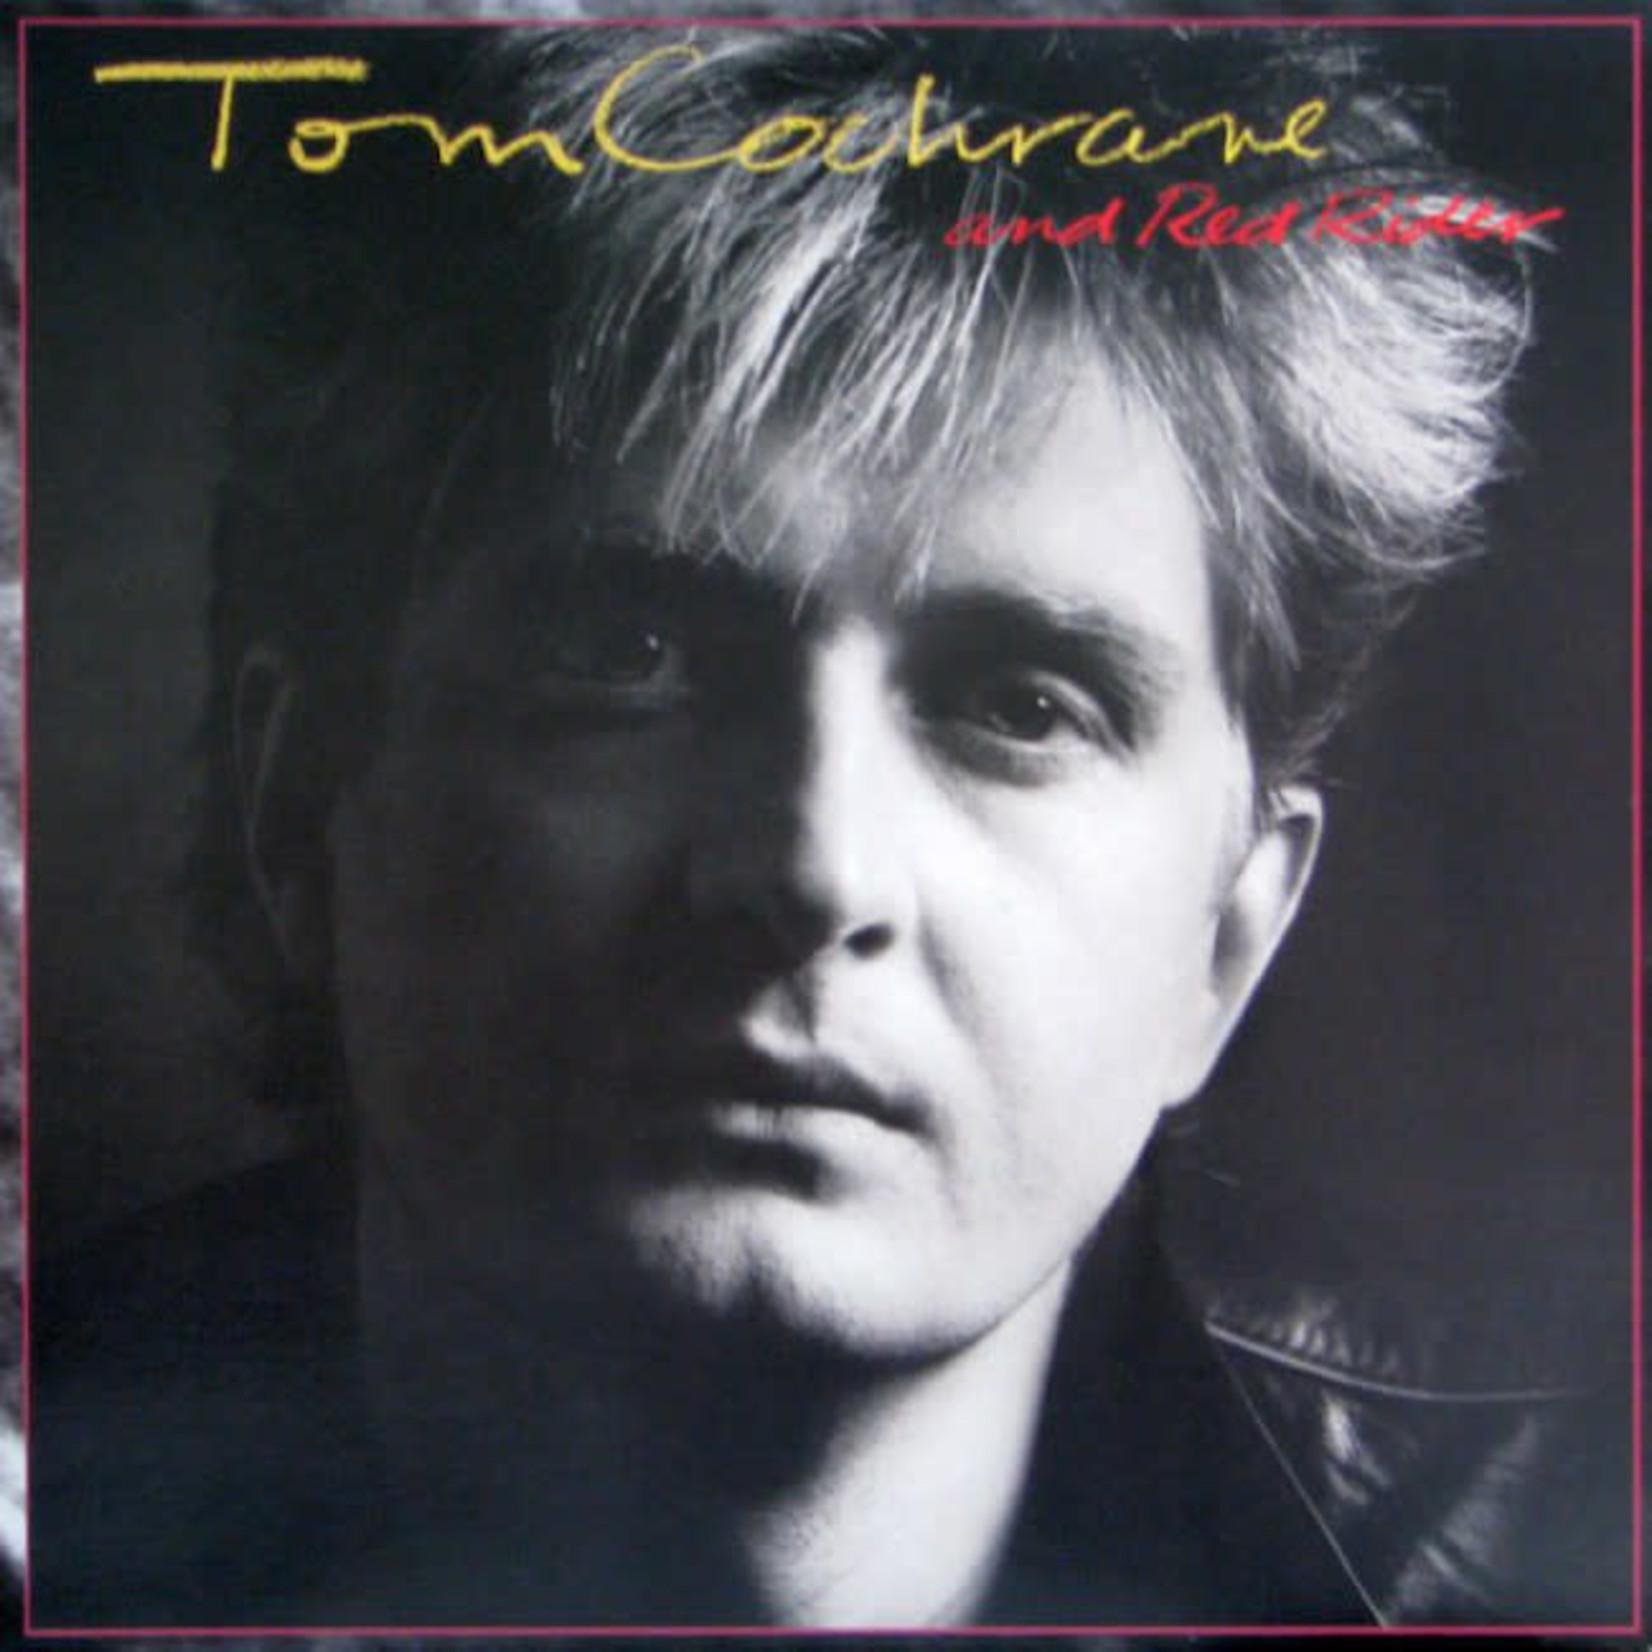 [Vintage] Cochrane, Tom & Red Rider: self-titled